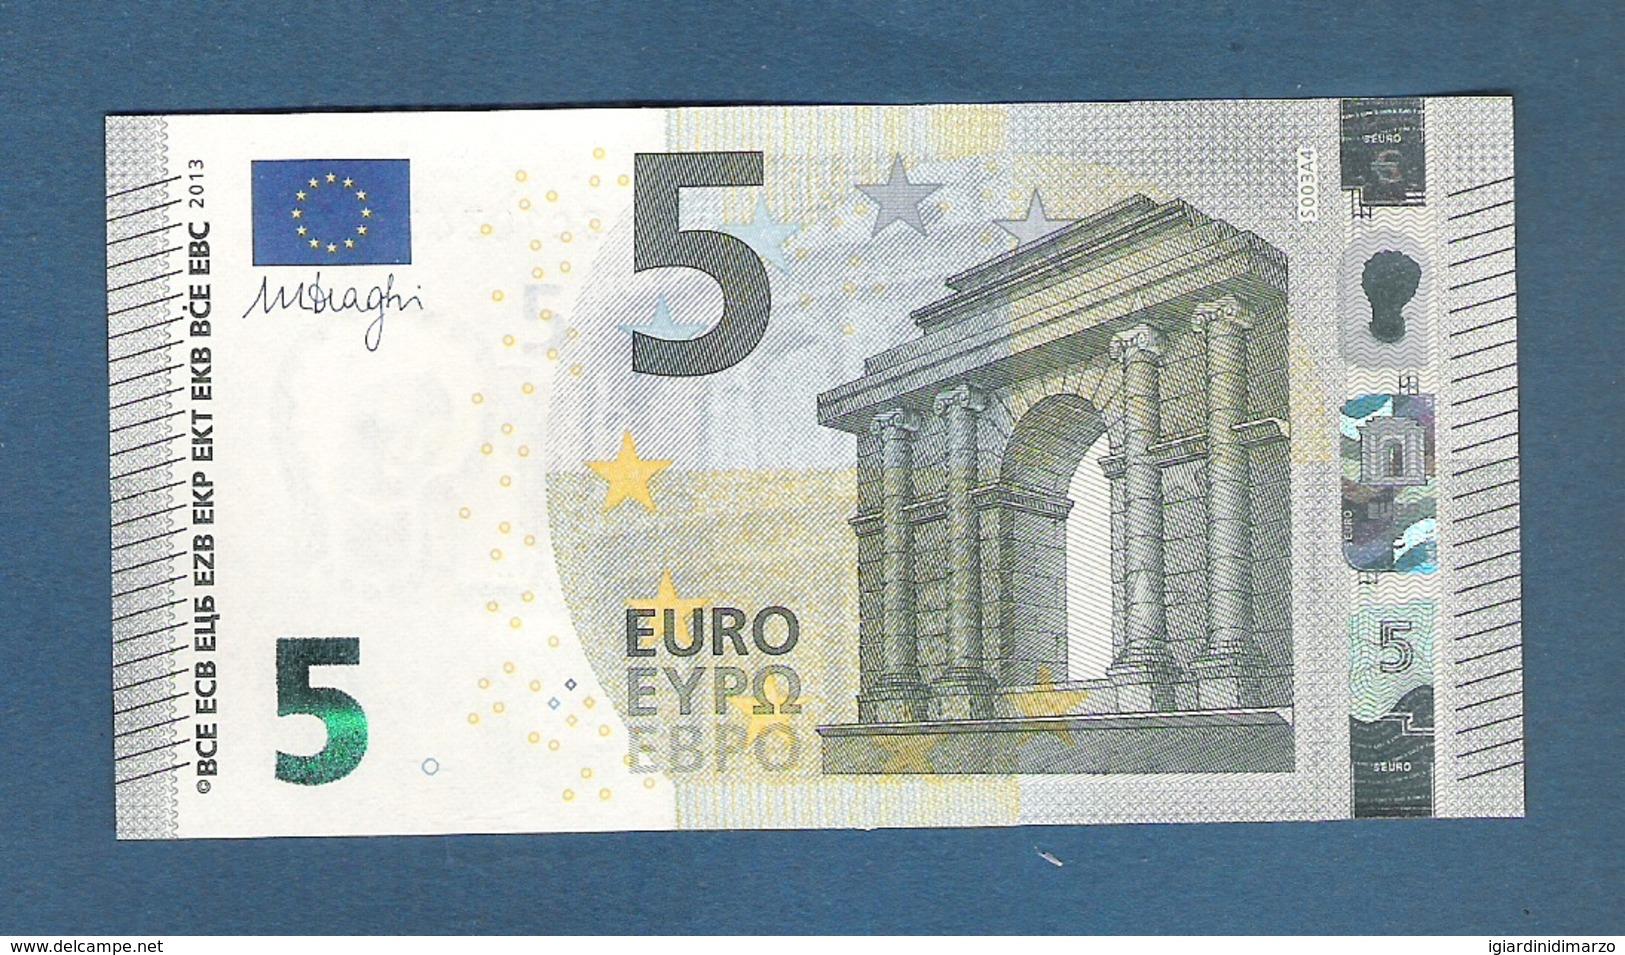 ITALIA - 2013 - BANCONOTA DA 5 EURO FIRMA DRAGHI  SERIE SC (S003A4) - NON CIRCOLATA (FDS-UNC) - OTTIME CONDIZIONI. - 5 Euro